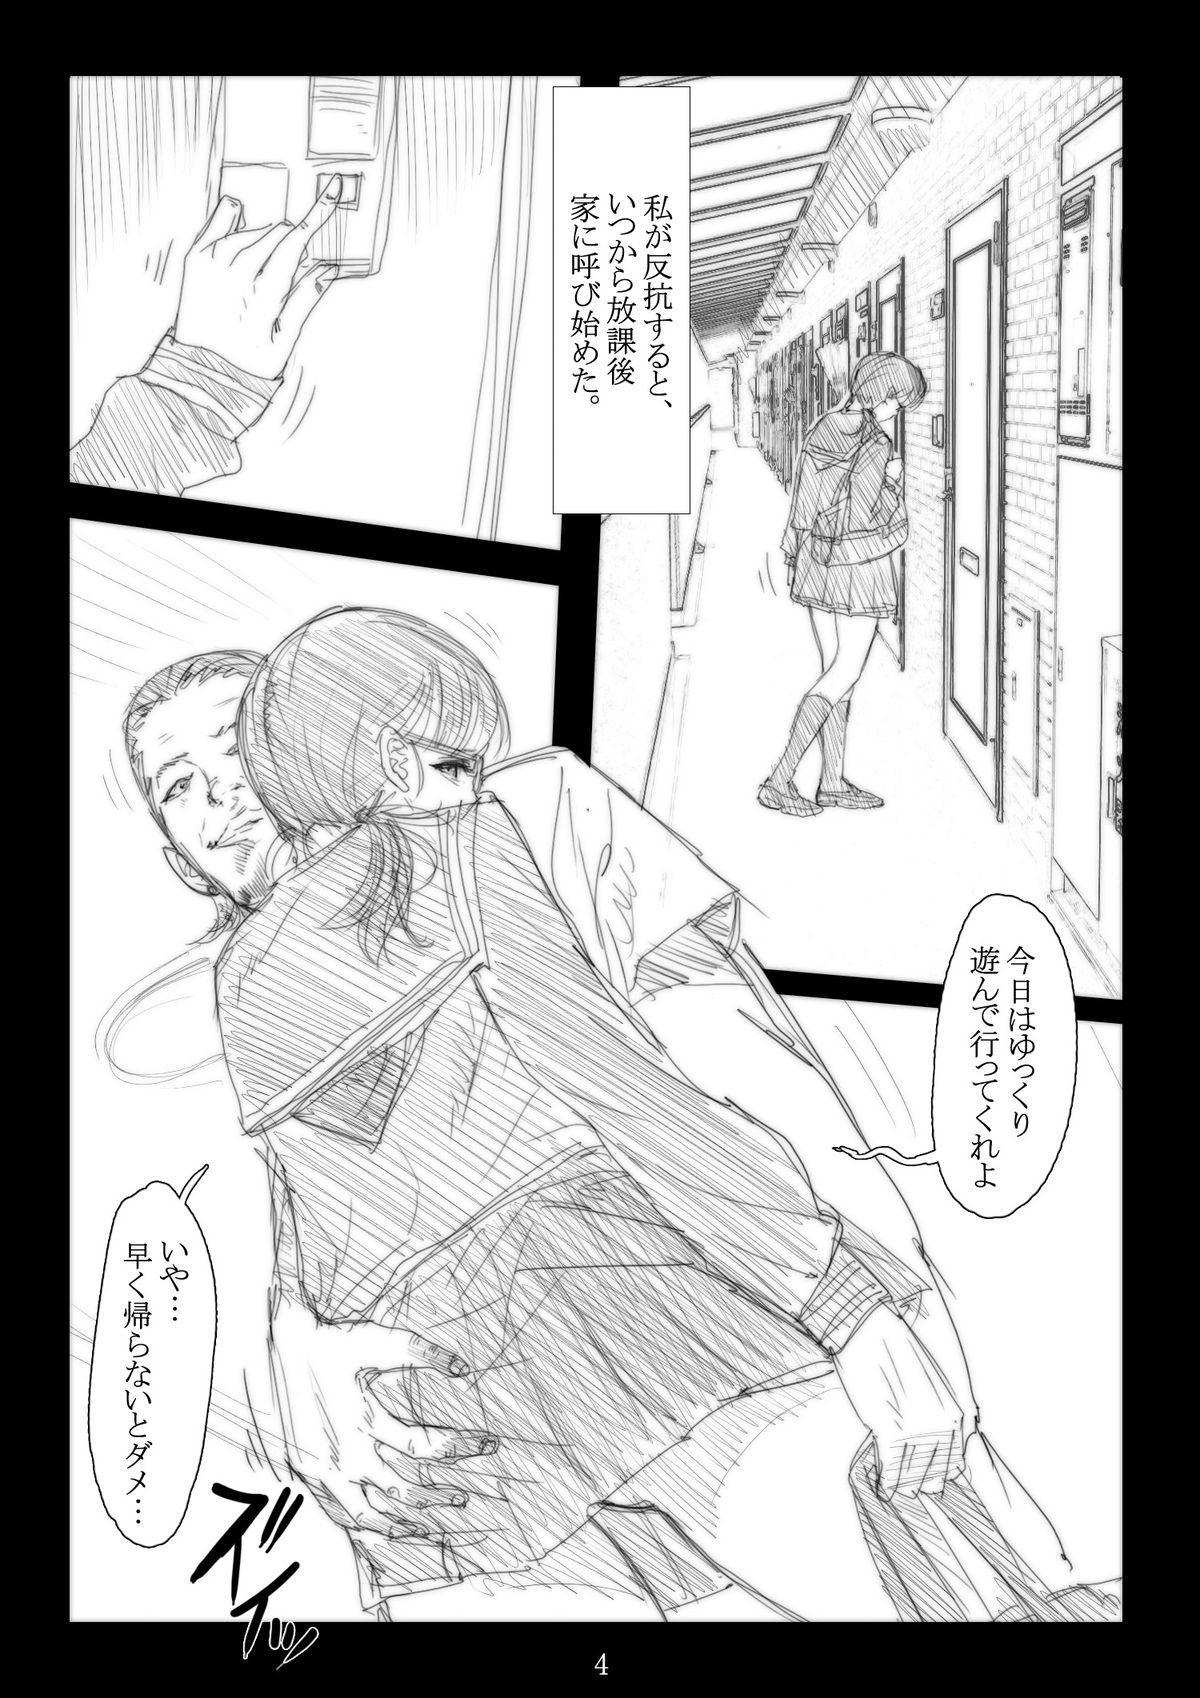 Renraku Tore nakatta 1-kkagetsukan Kanojo ni Nani ga Atta no ka... 2 4